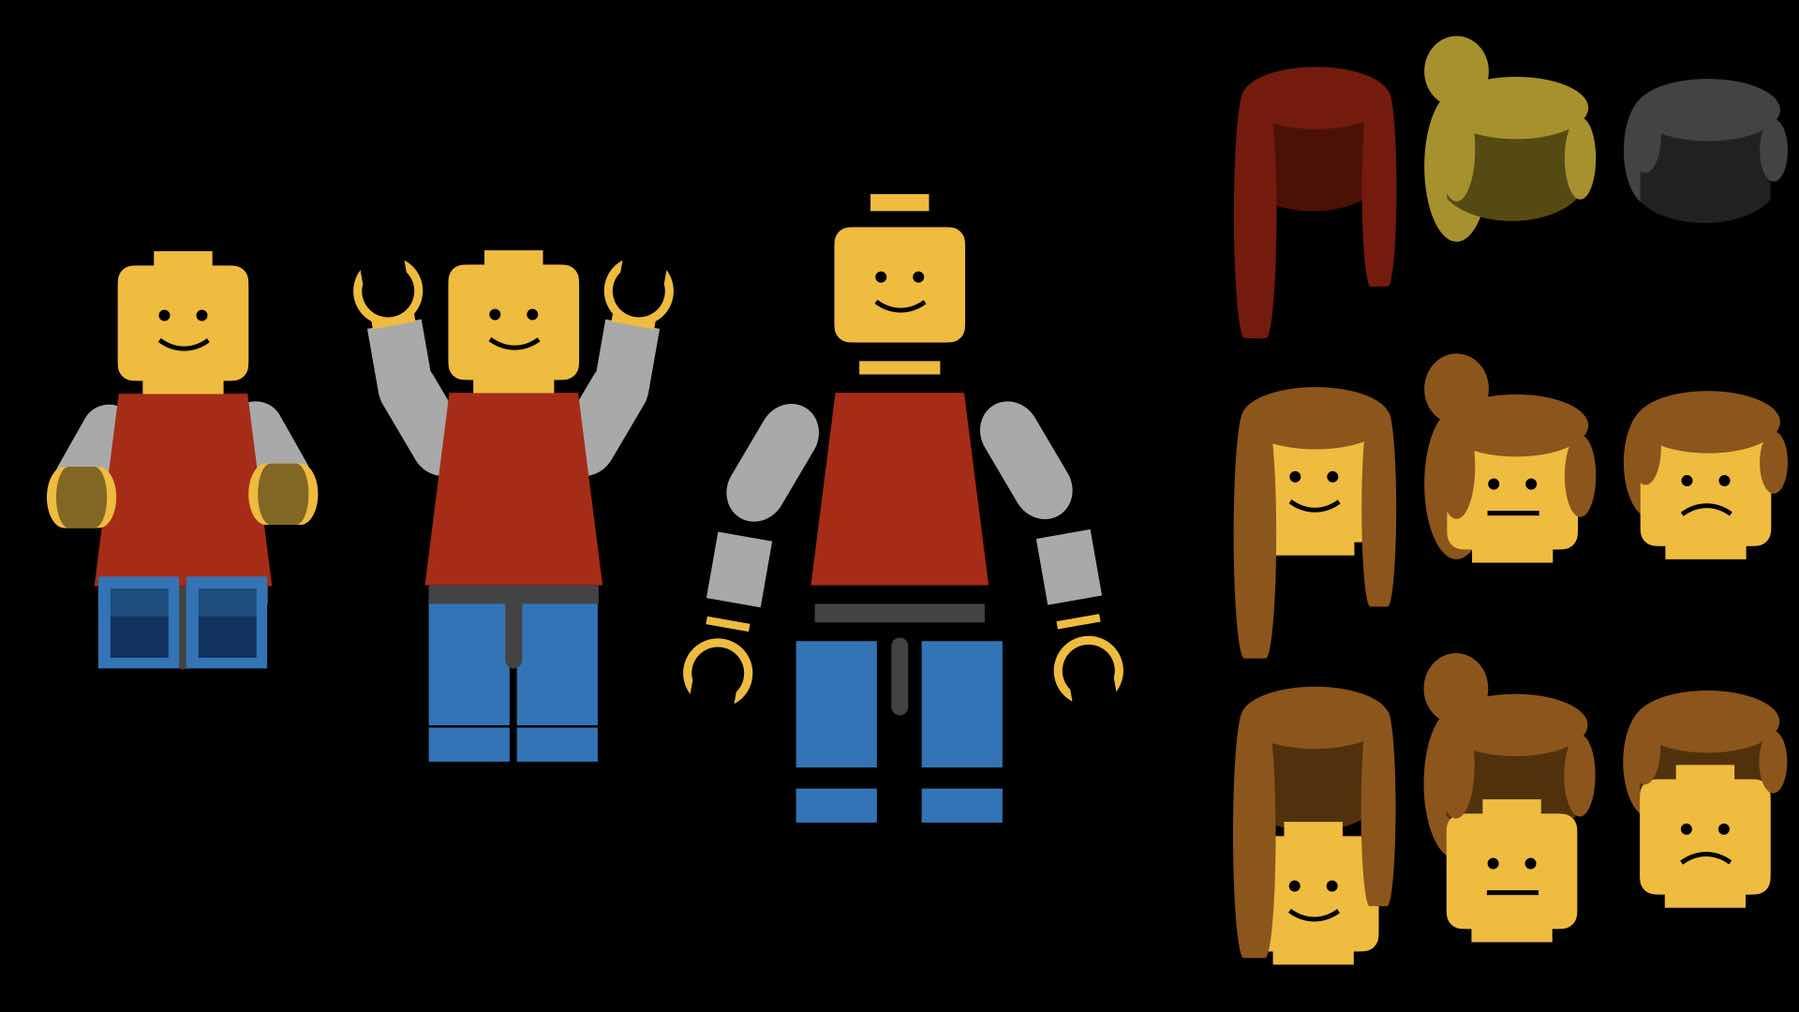 Image of broken apart character